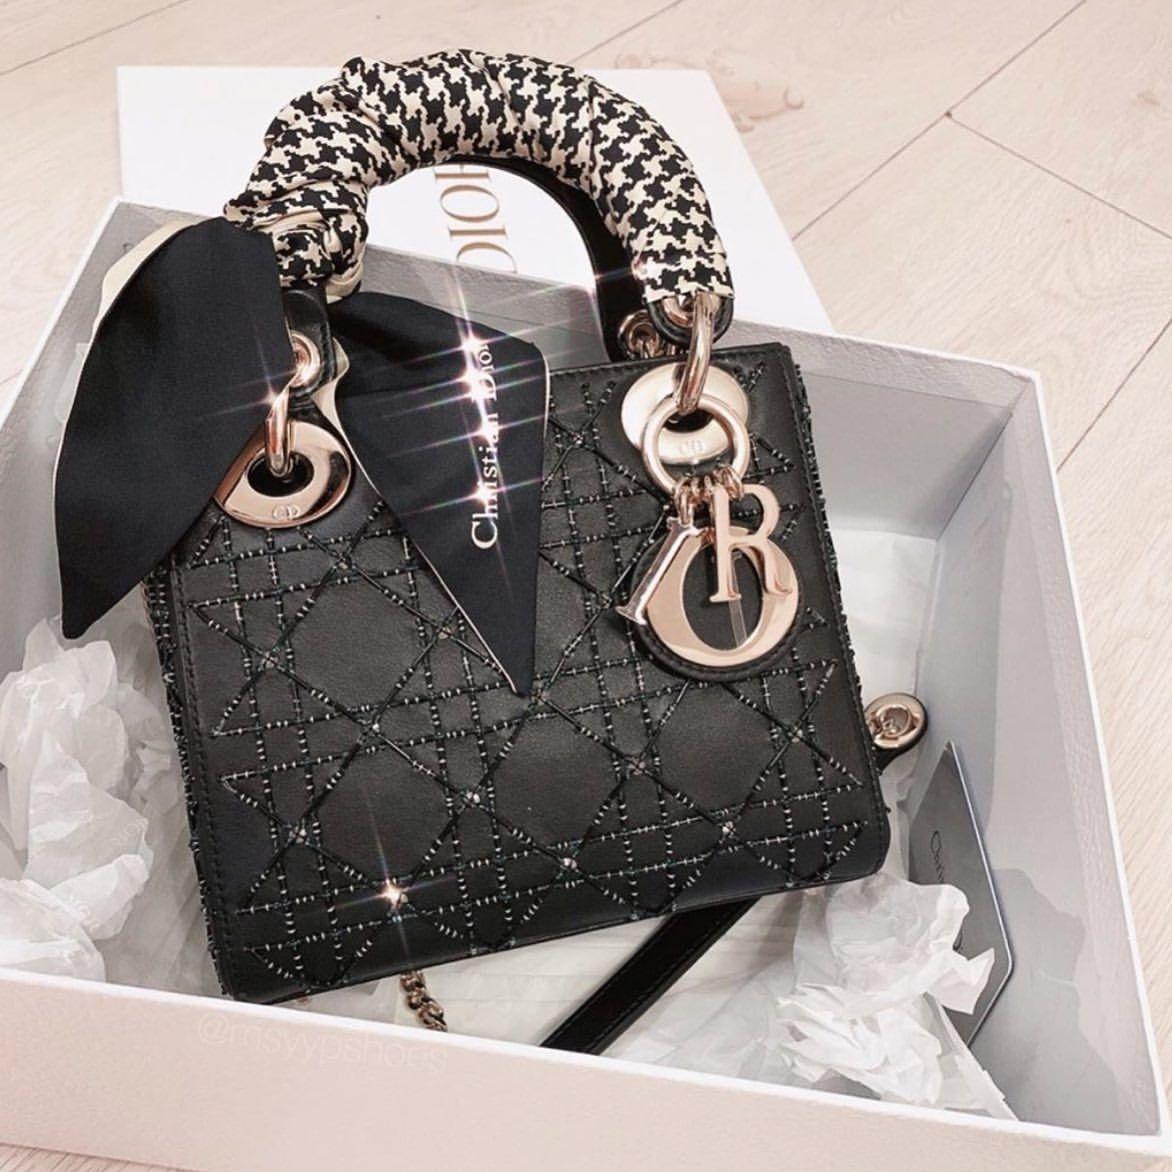 High Quality Replica Handbags Best Fake Designer Bags Fake Designer Bags Bags Designer Lady Dior Bag